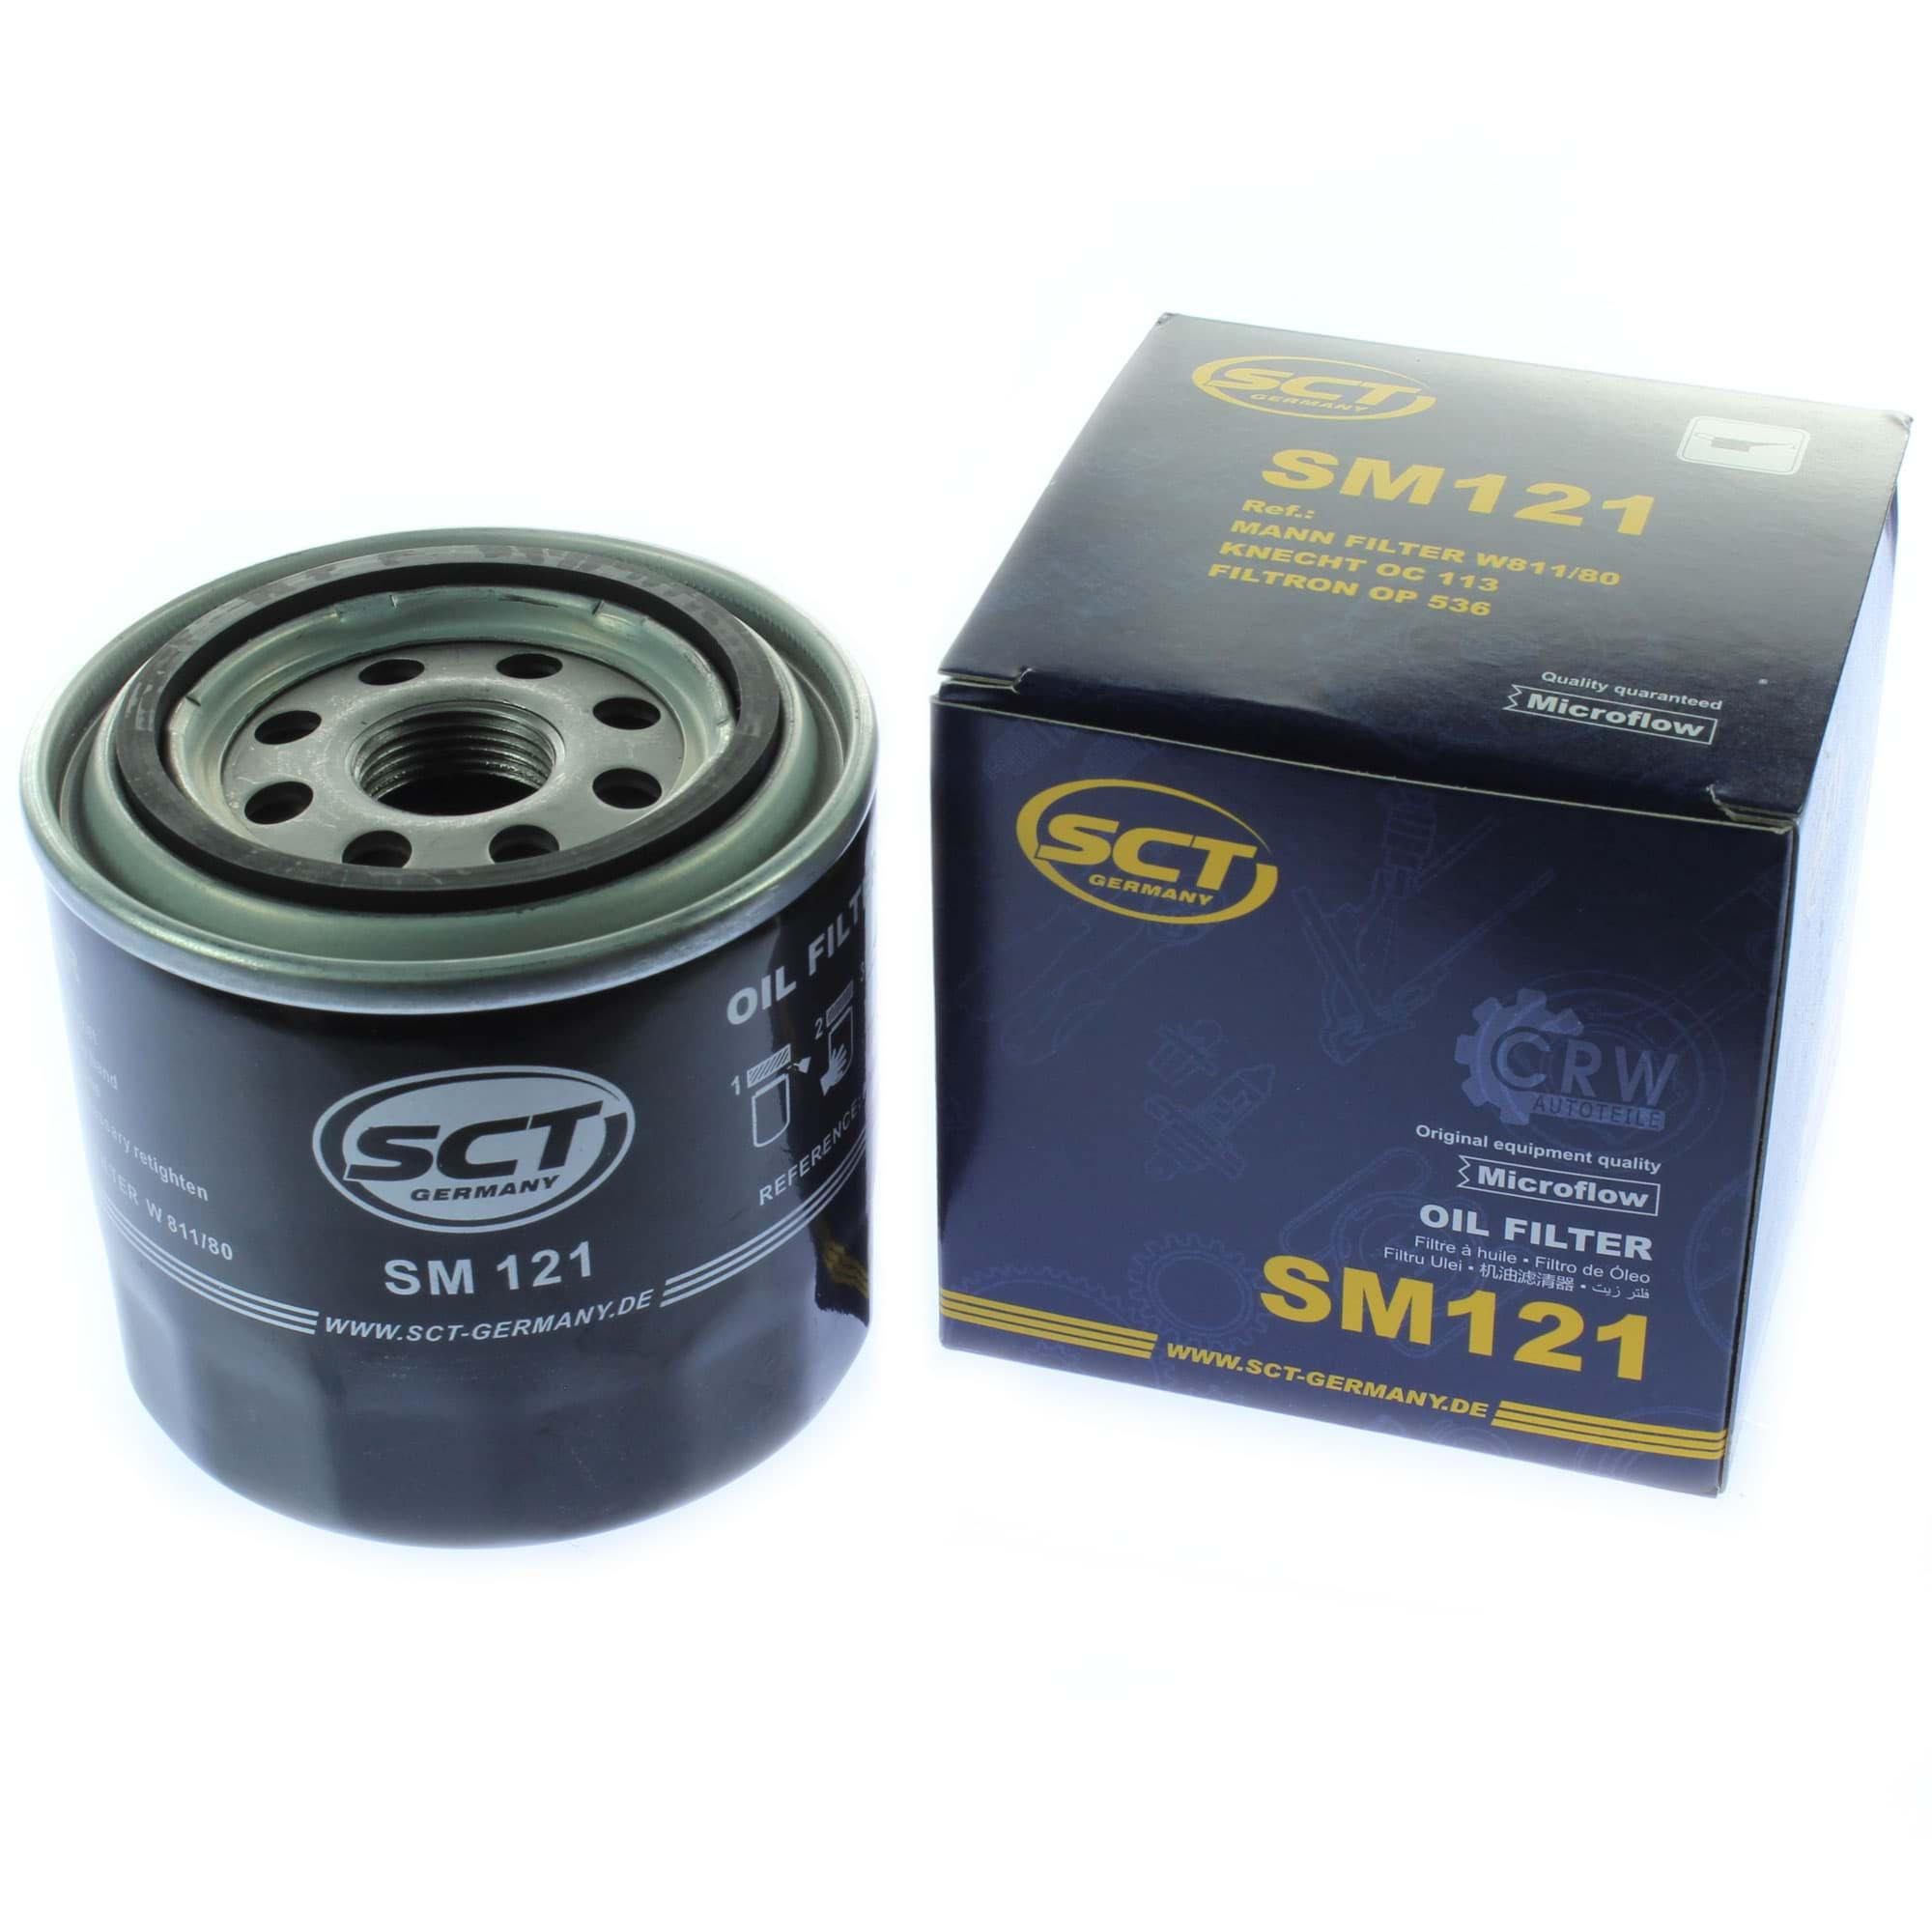 1x SM 113 Ölfilter von SCT Germany